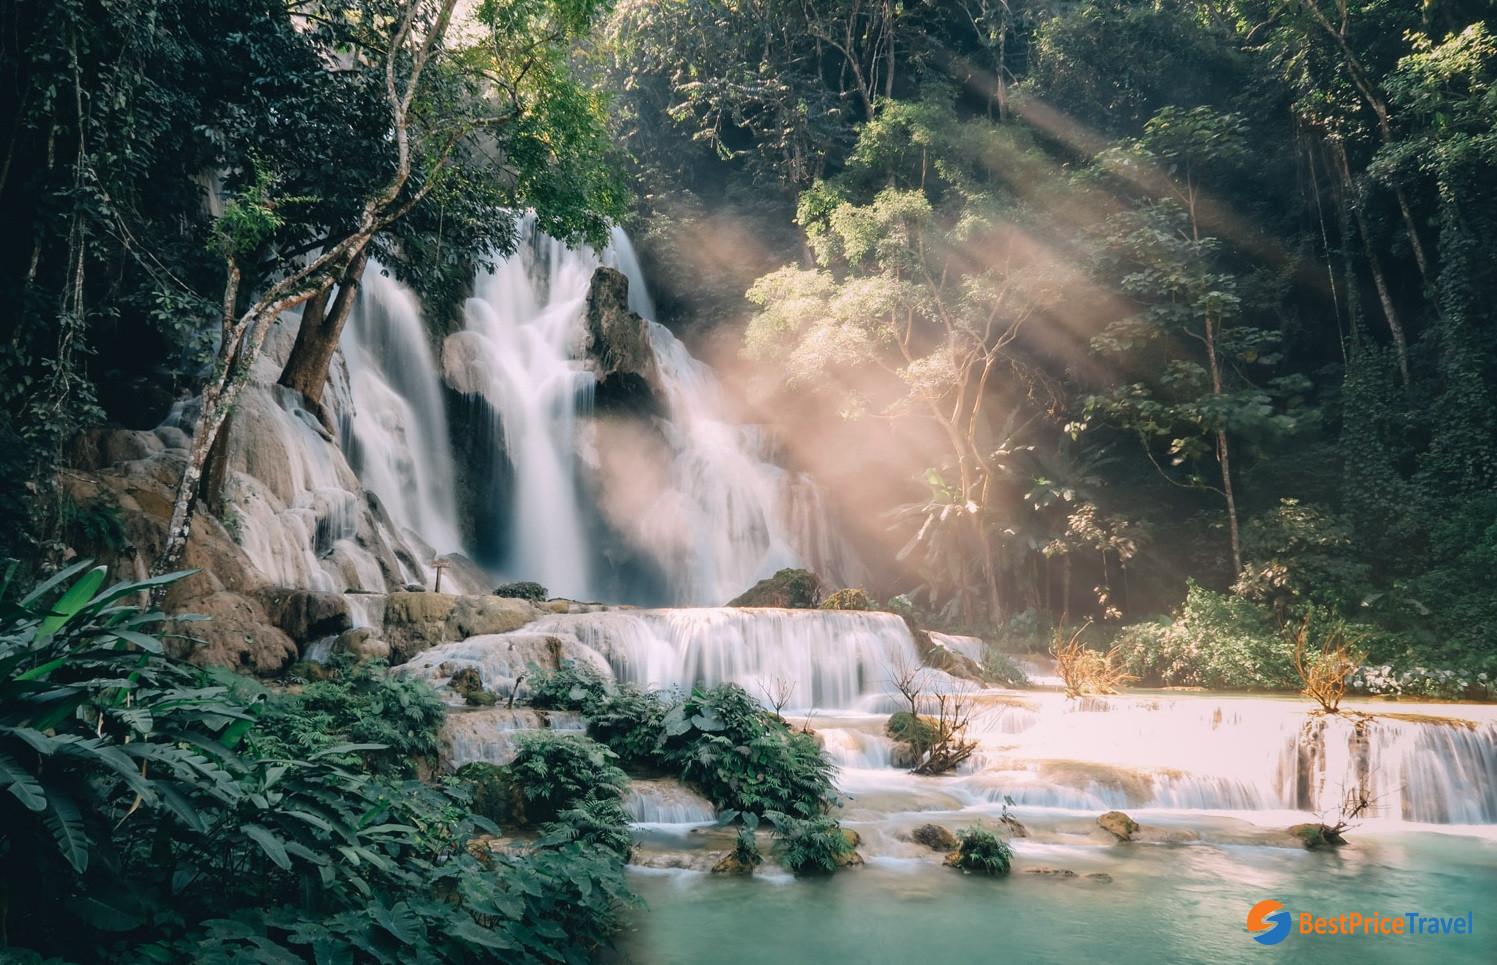 Trekking to Kuang Si Fall